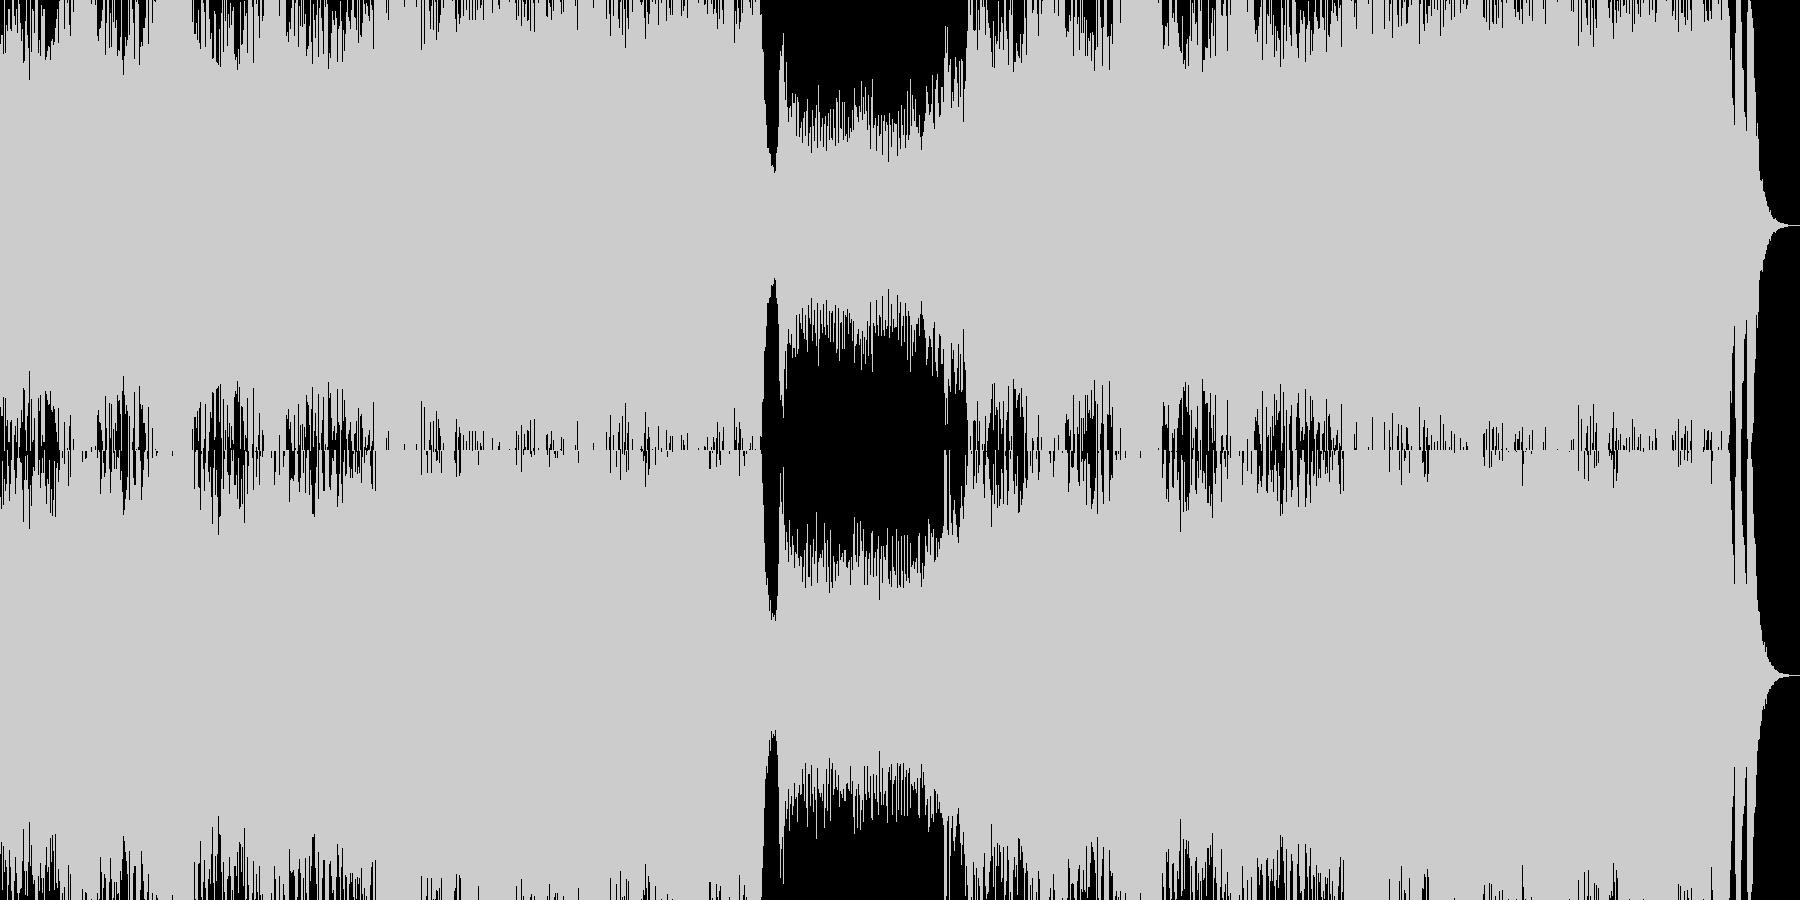 オーケストラ クワイヤー 疾走感の未再生の波形